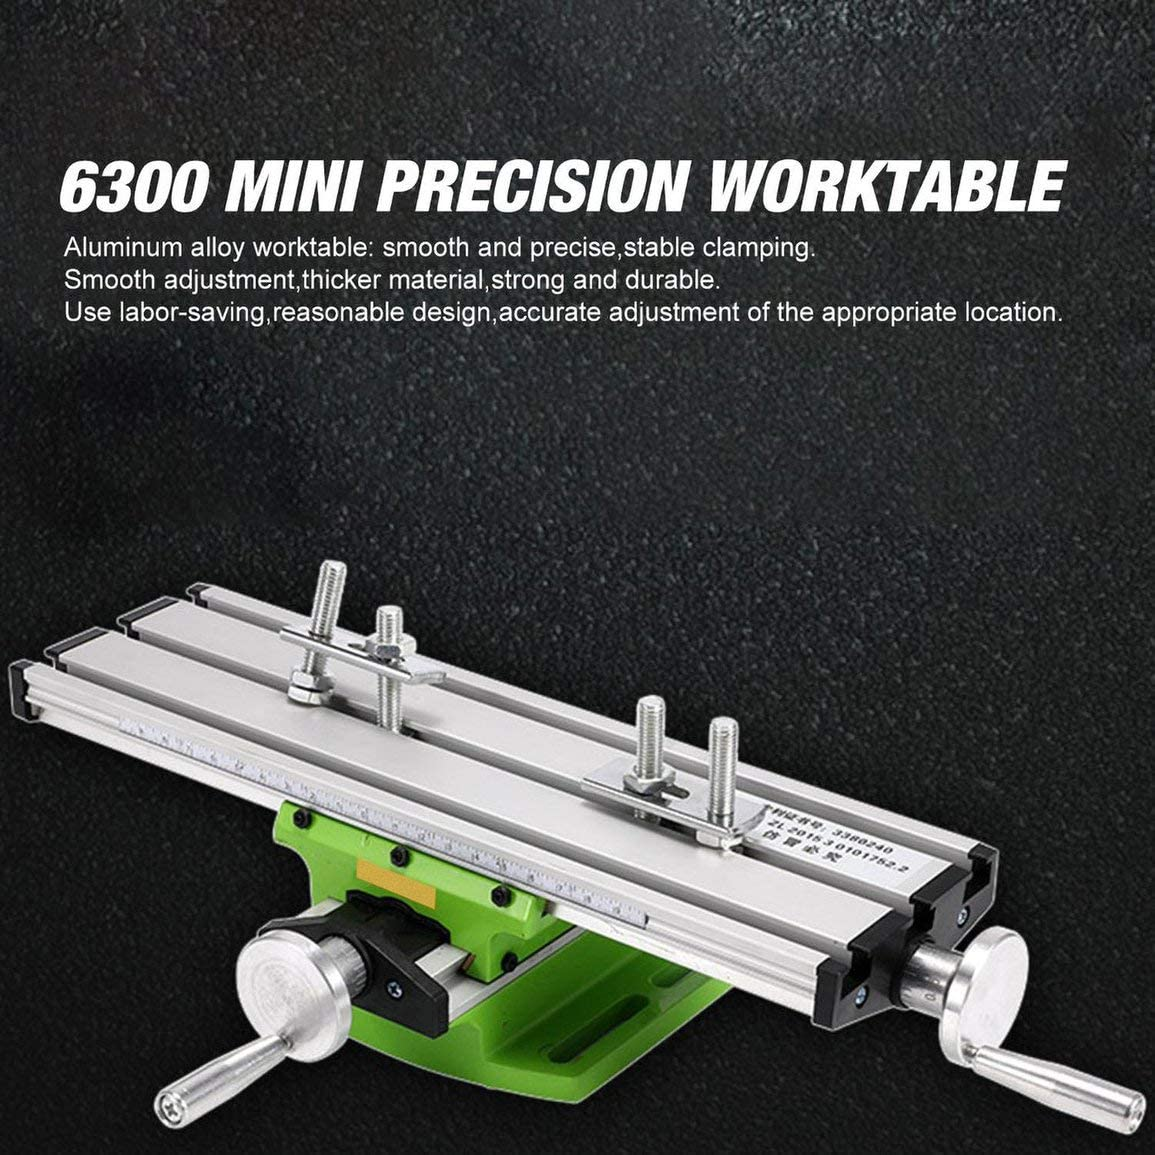 6300 Mini mesa de trabajo multifunción de precisión Accesorio de tornillo de banco Taladro Fresadora Mesa de coordenadas de ajuste de eje X e Y (Color: verde): Amazon.es: Bricolaje y herramientas